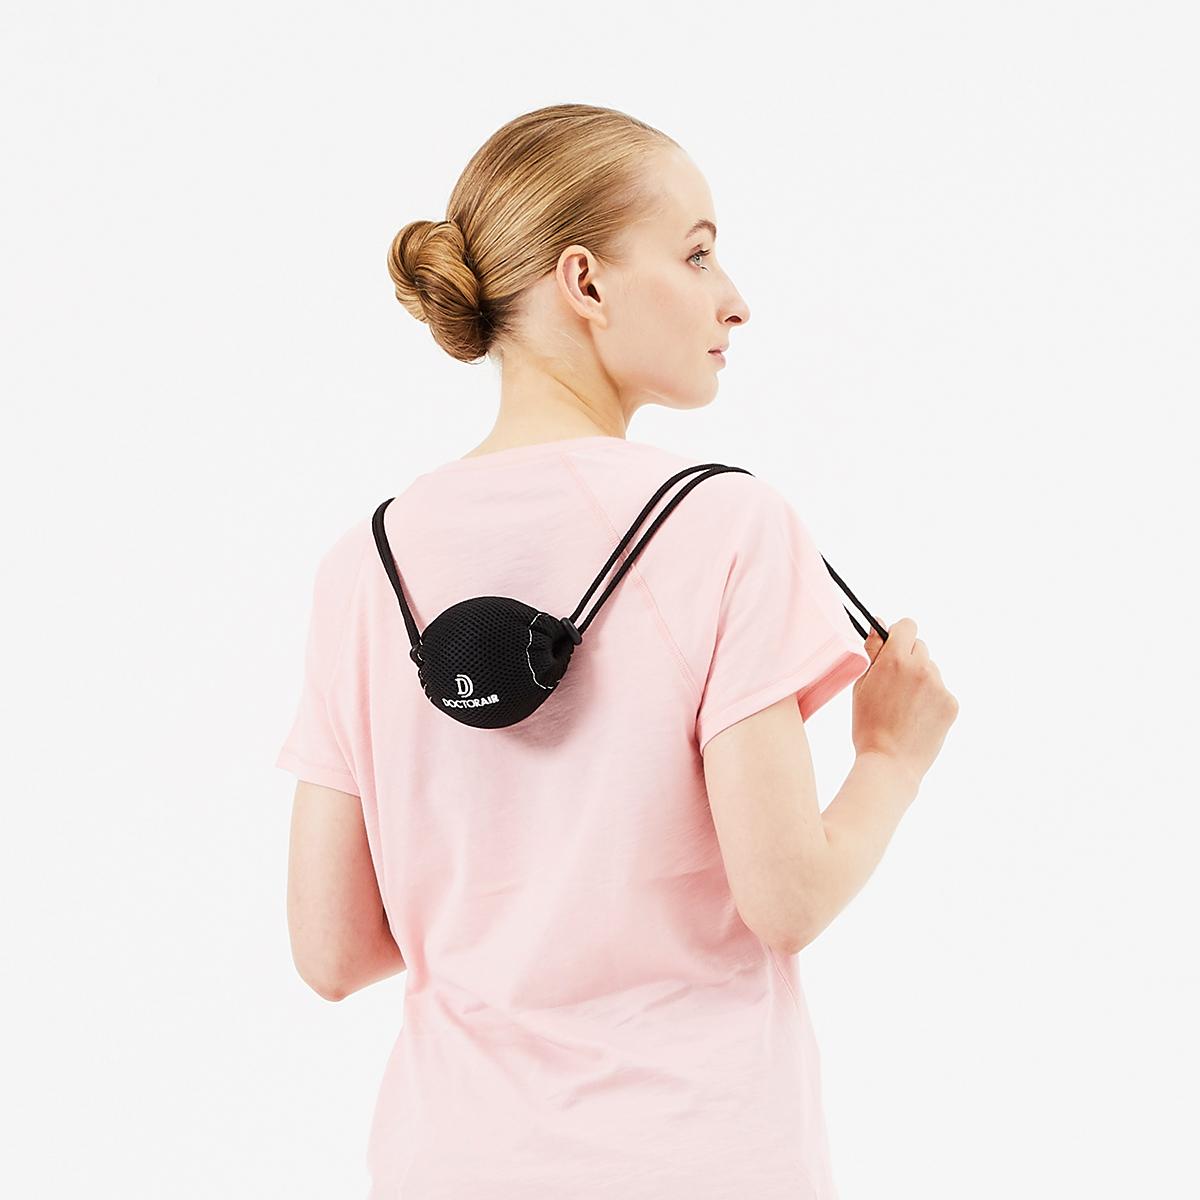 持ち手つきカバーのおかげで背中のどこでもラクに当てられるストレッチボール Dr.Air 3Dコンディショニングボール